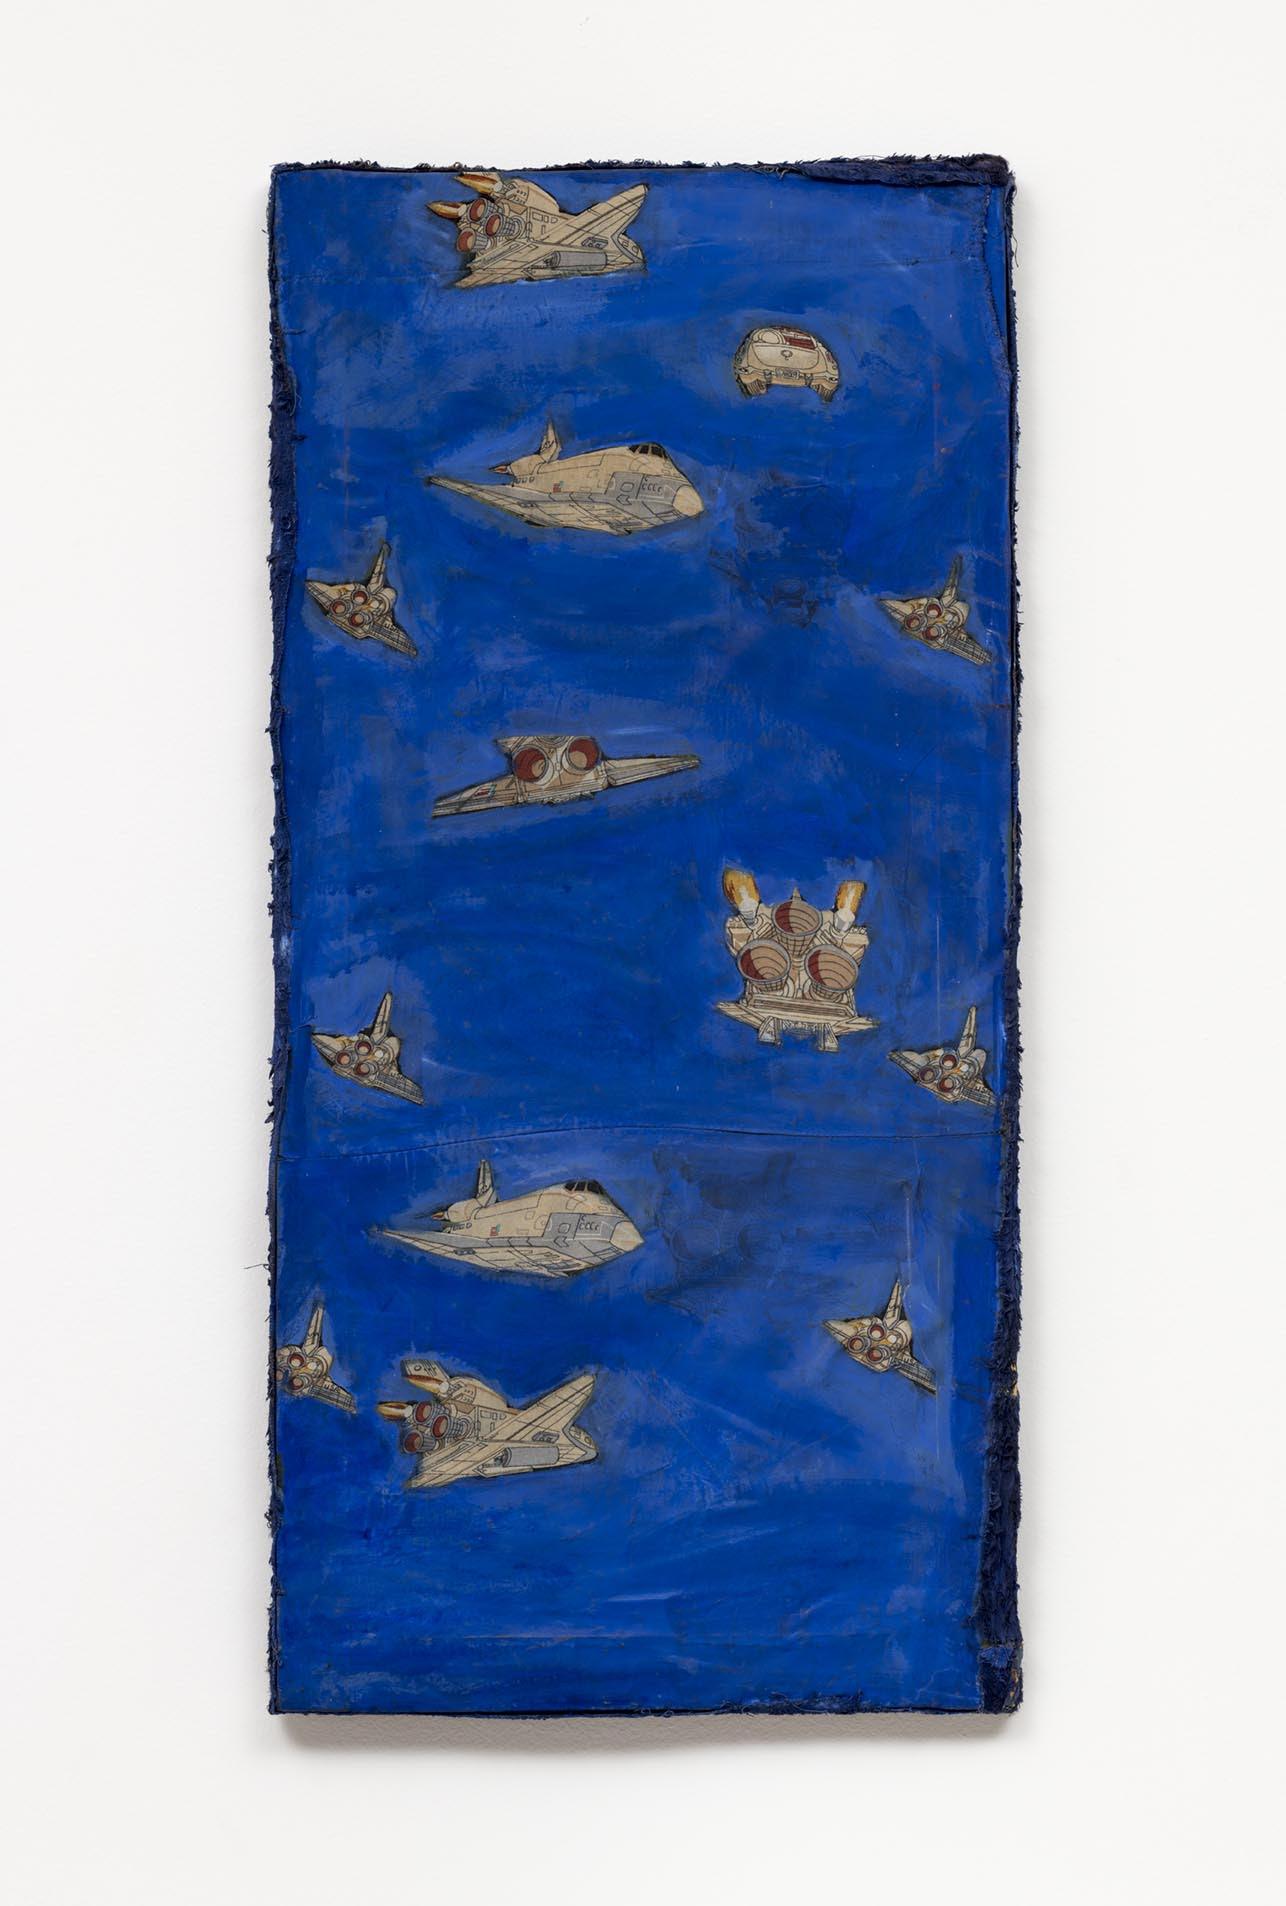 Leda Catunda,  Os foguetes, 1989,acrílica sobre tecido [a crylic on fabric ] 94 x 45 cm